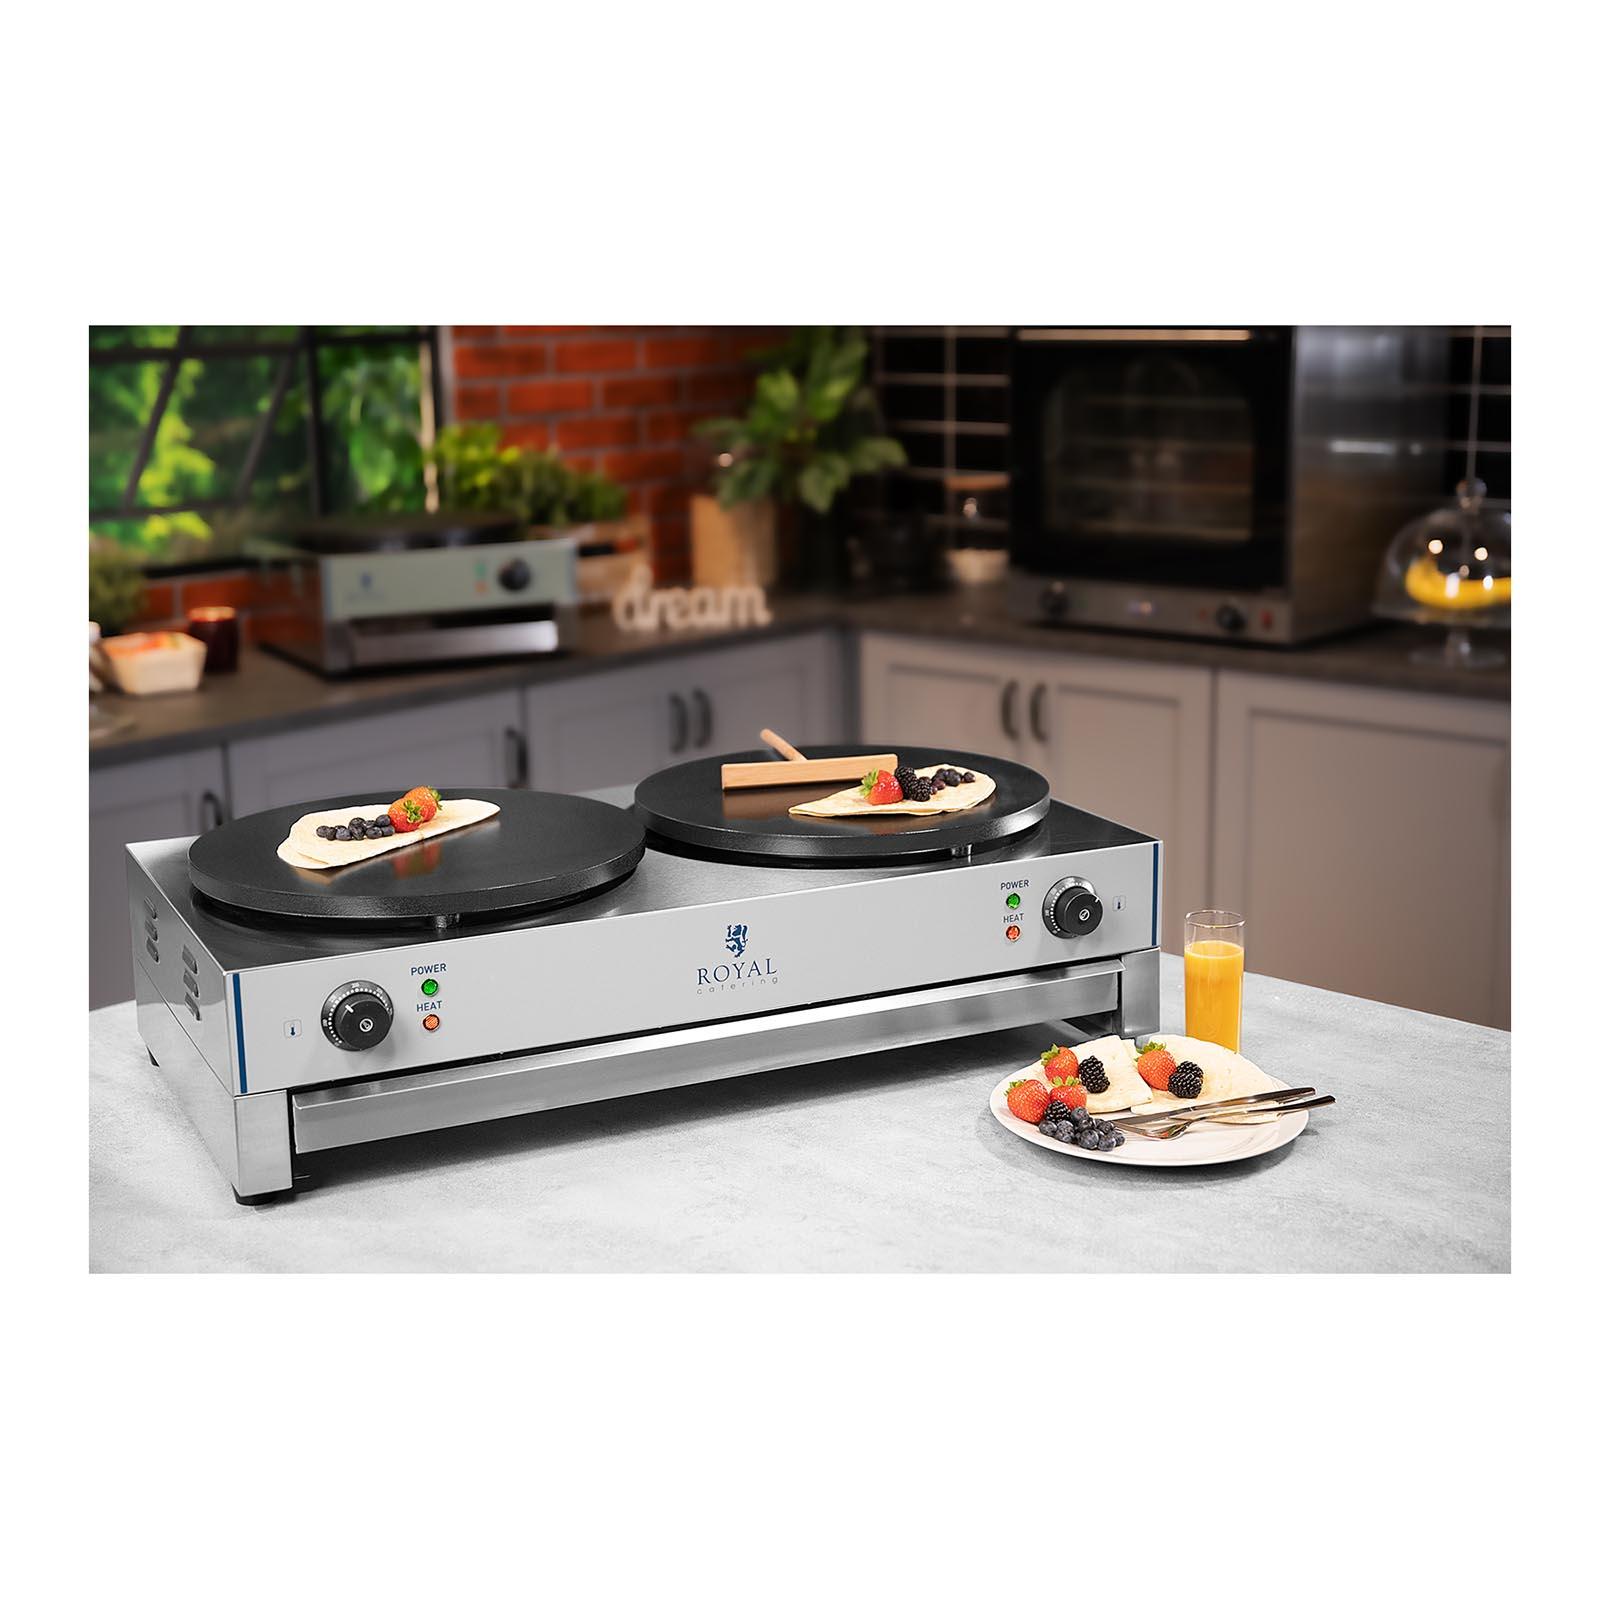 Piastra doppia elettrica per crepes con 2 piastre professionali in acciaio inox ebay - Piastra in acciaio inox per cucinare ...